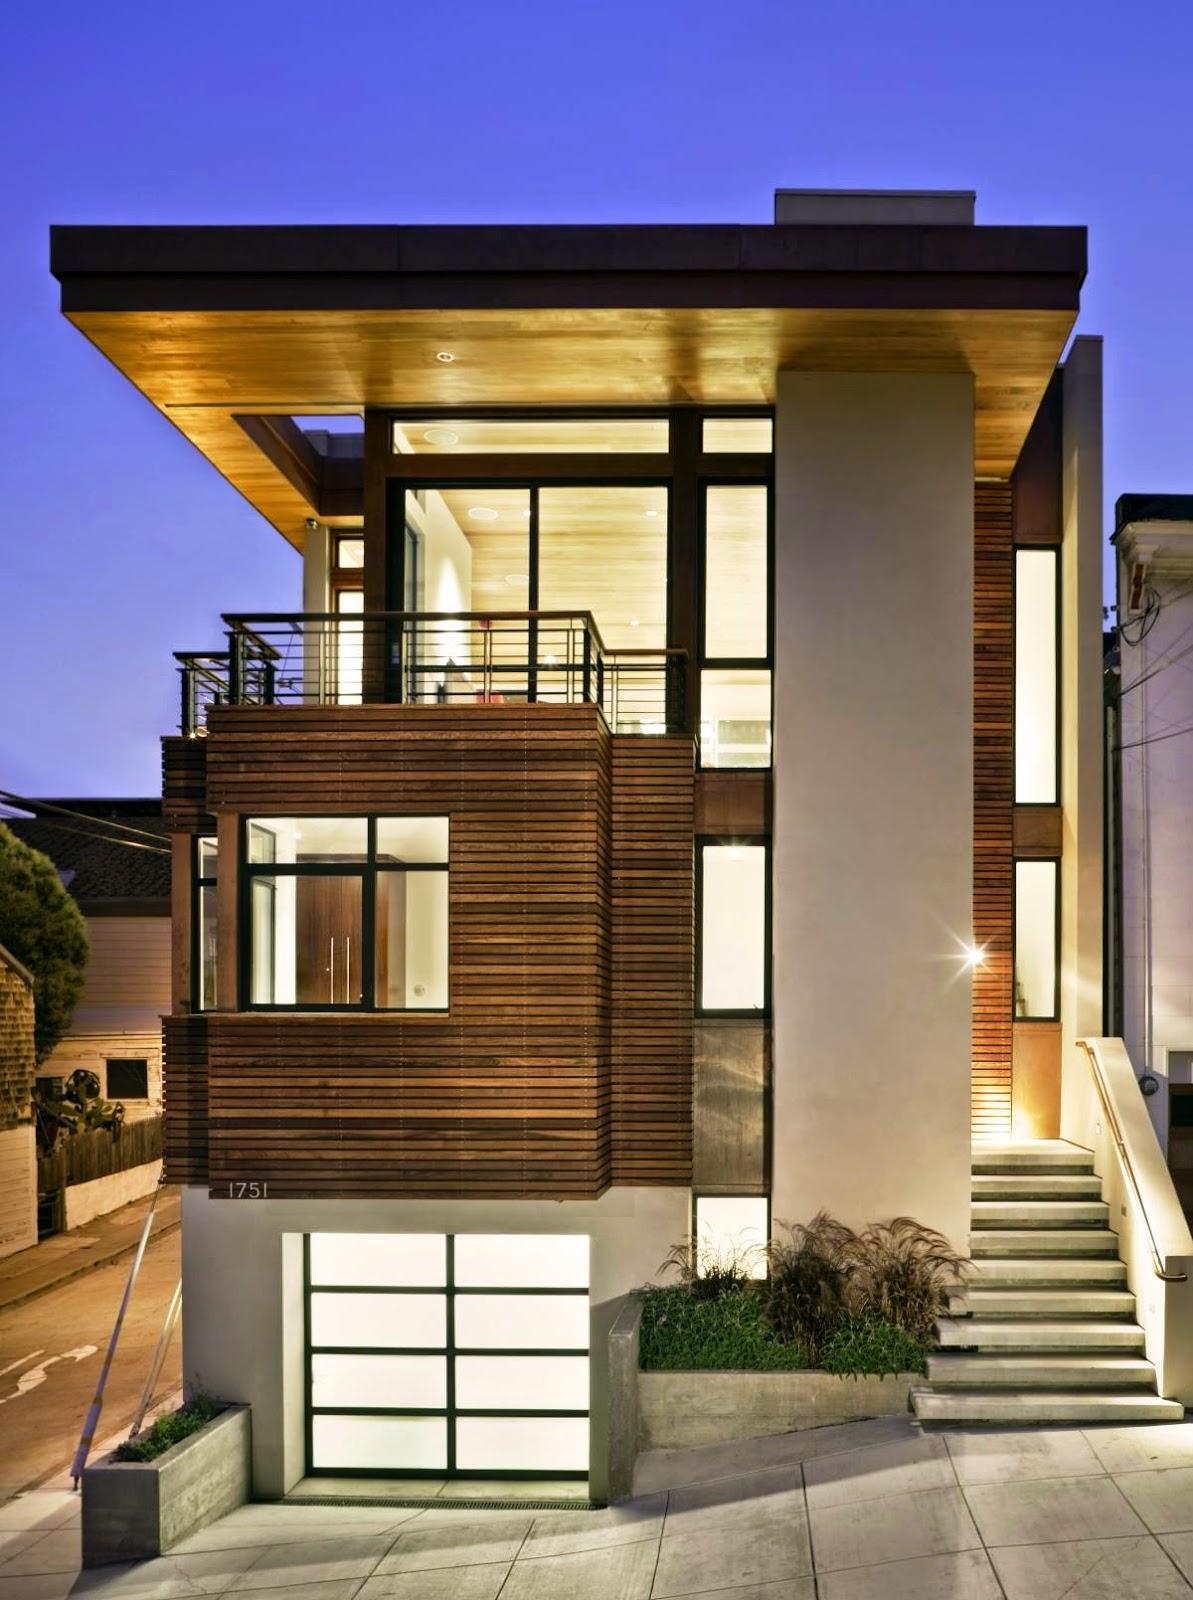 64 Foto Contoh Desain Rumah Modern 2 Lantai HD Gratid Unduh Gratis